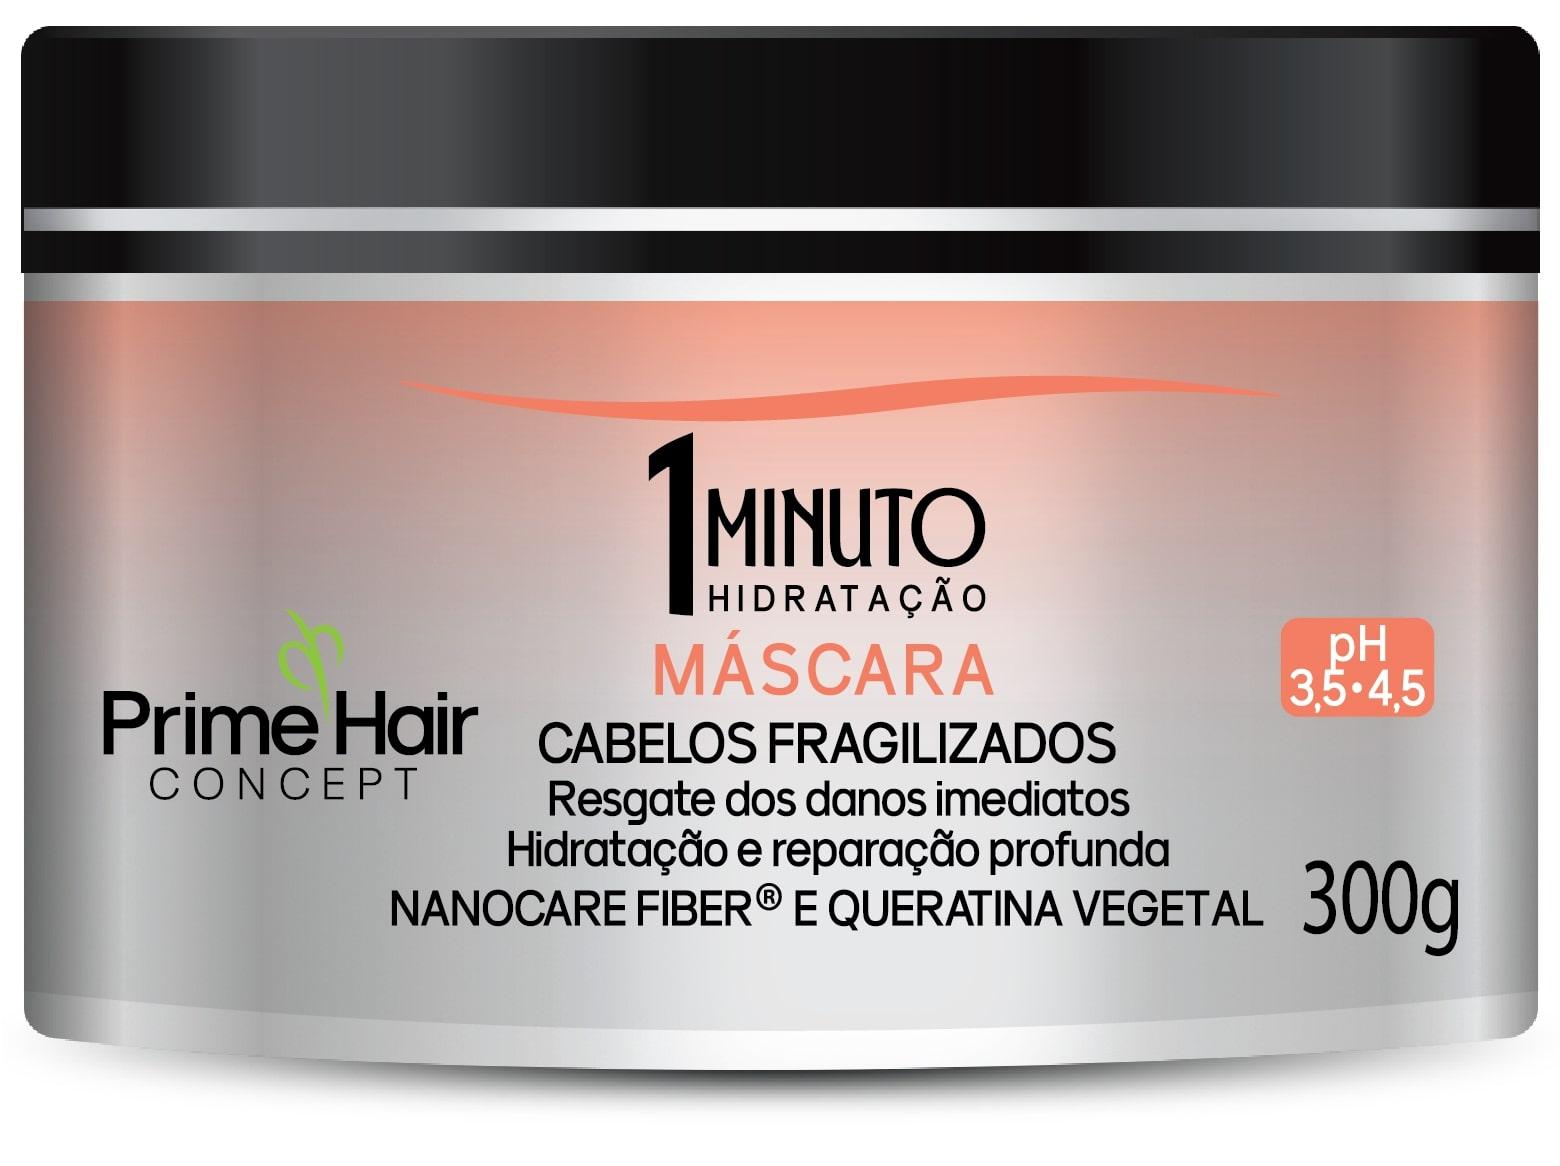 MASCARA PRIME HAIR 300G 1MINUTO CAB FRAGILI